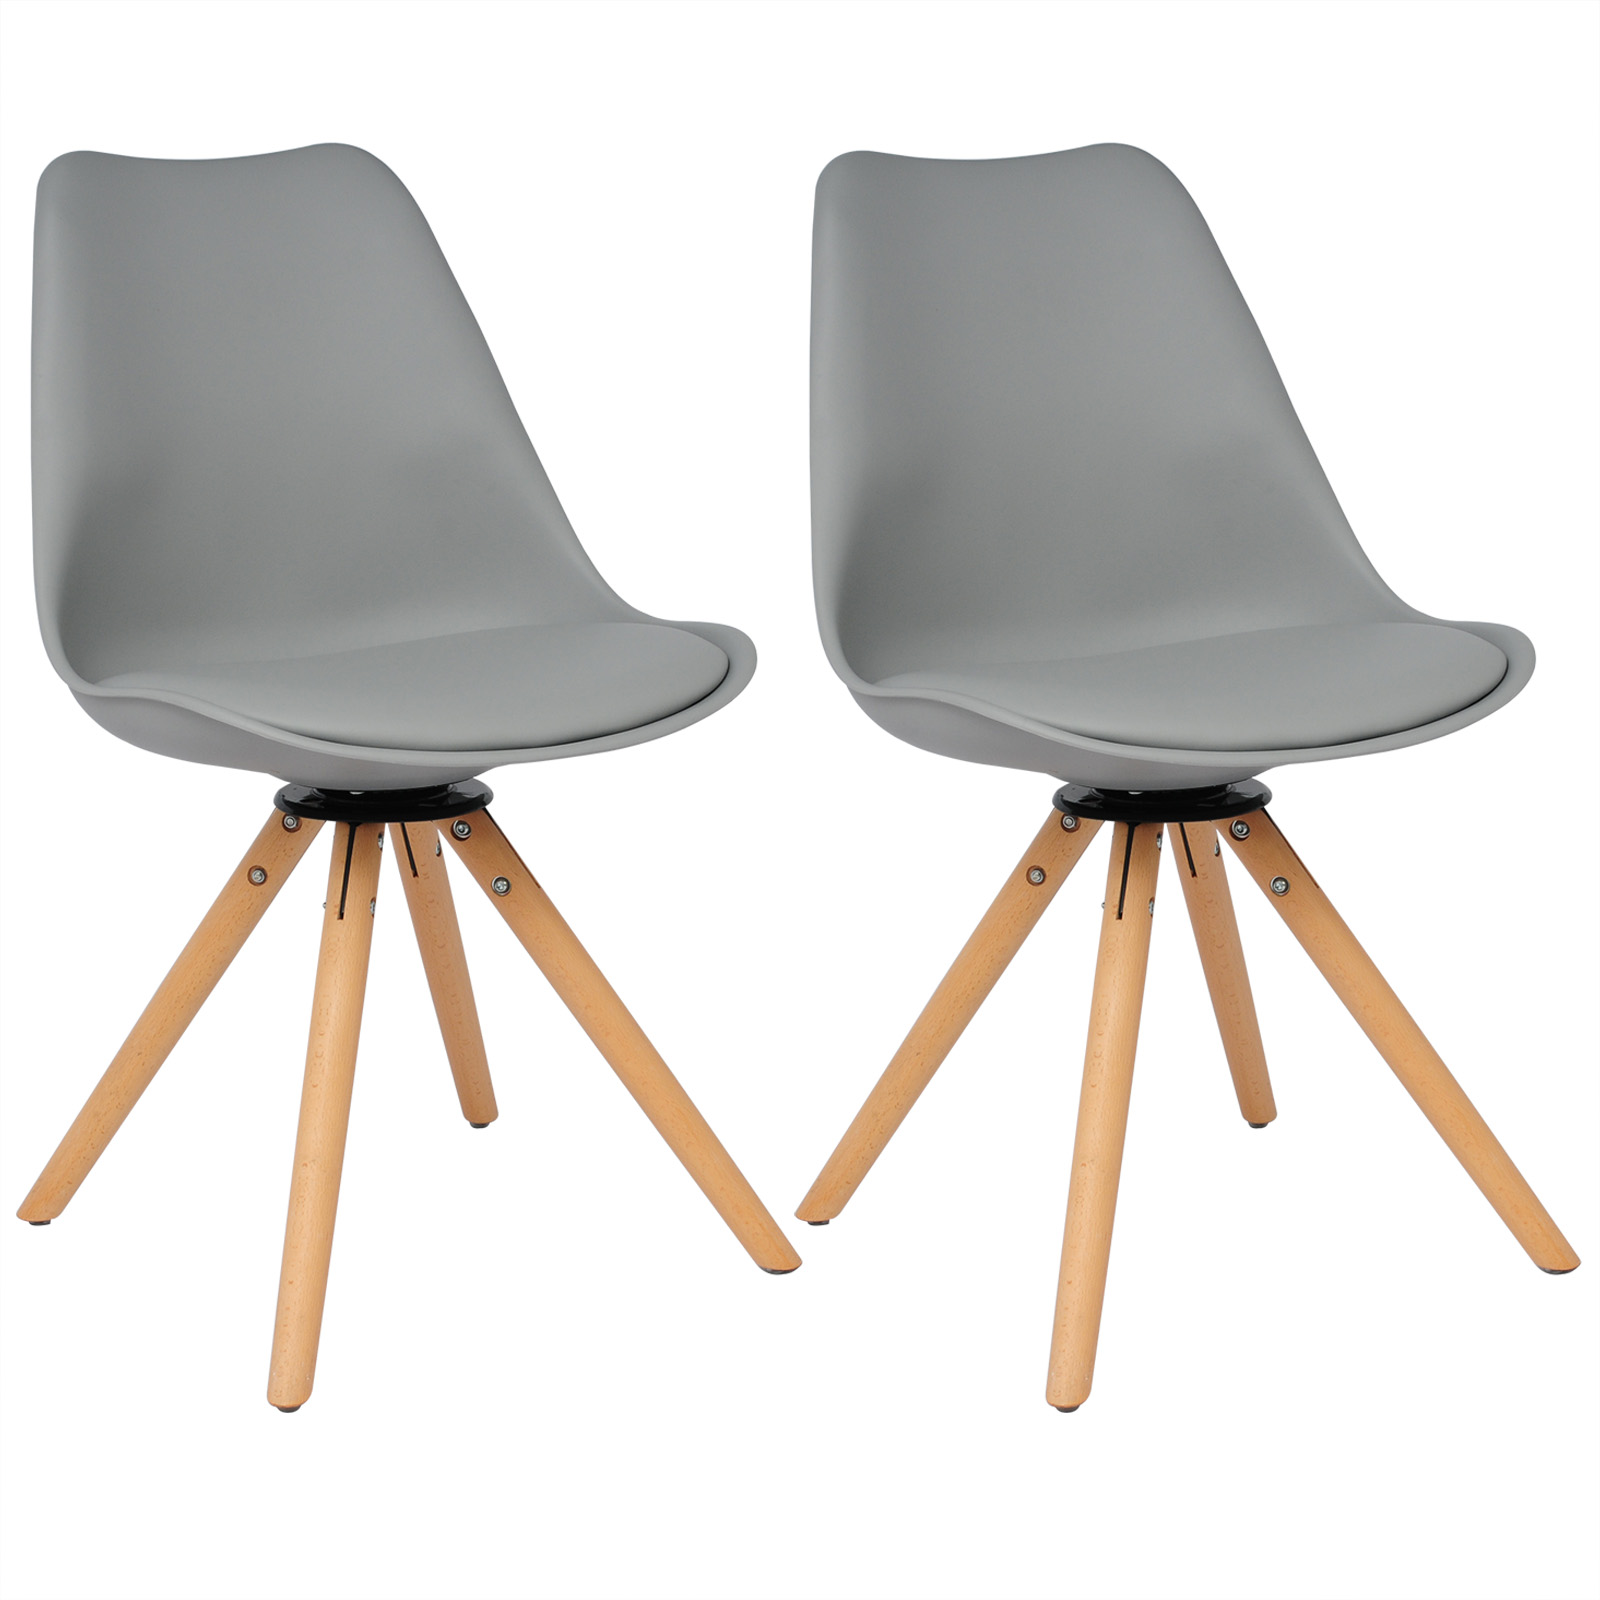 Chaise salle à manger lot de 2 360° rotatif Chaise de cuisine en ...